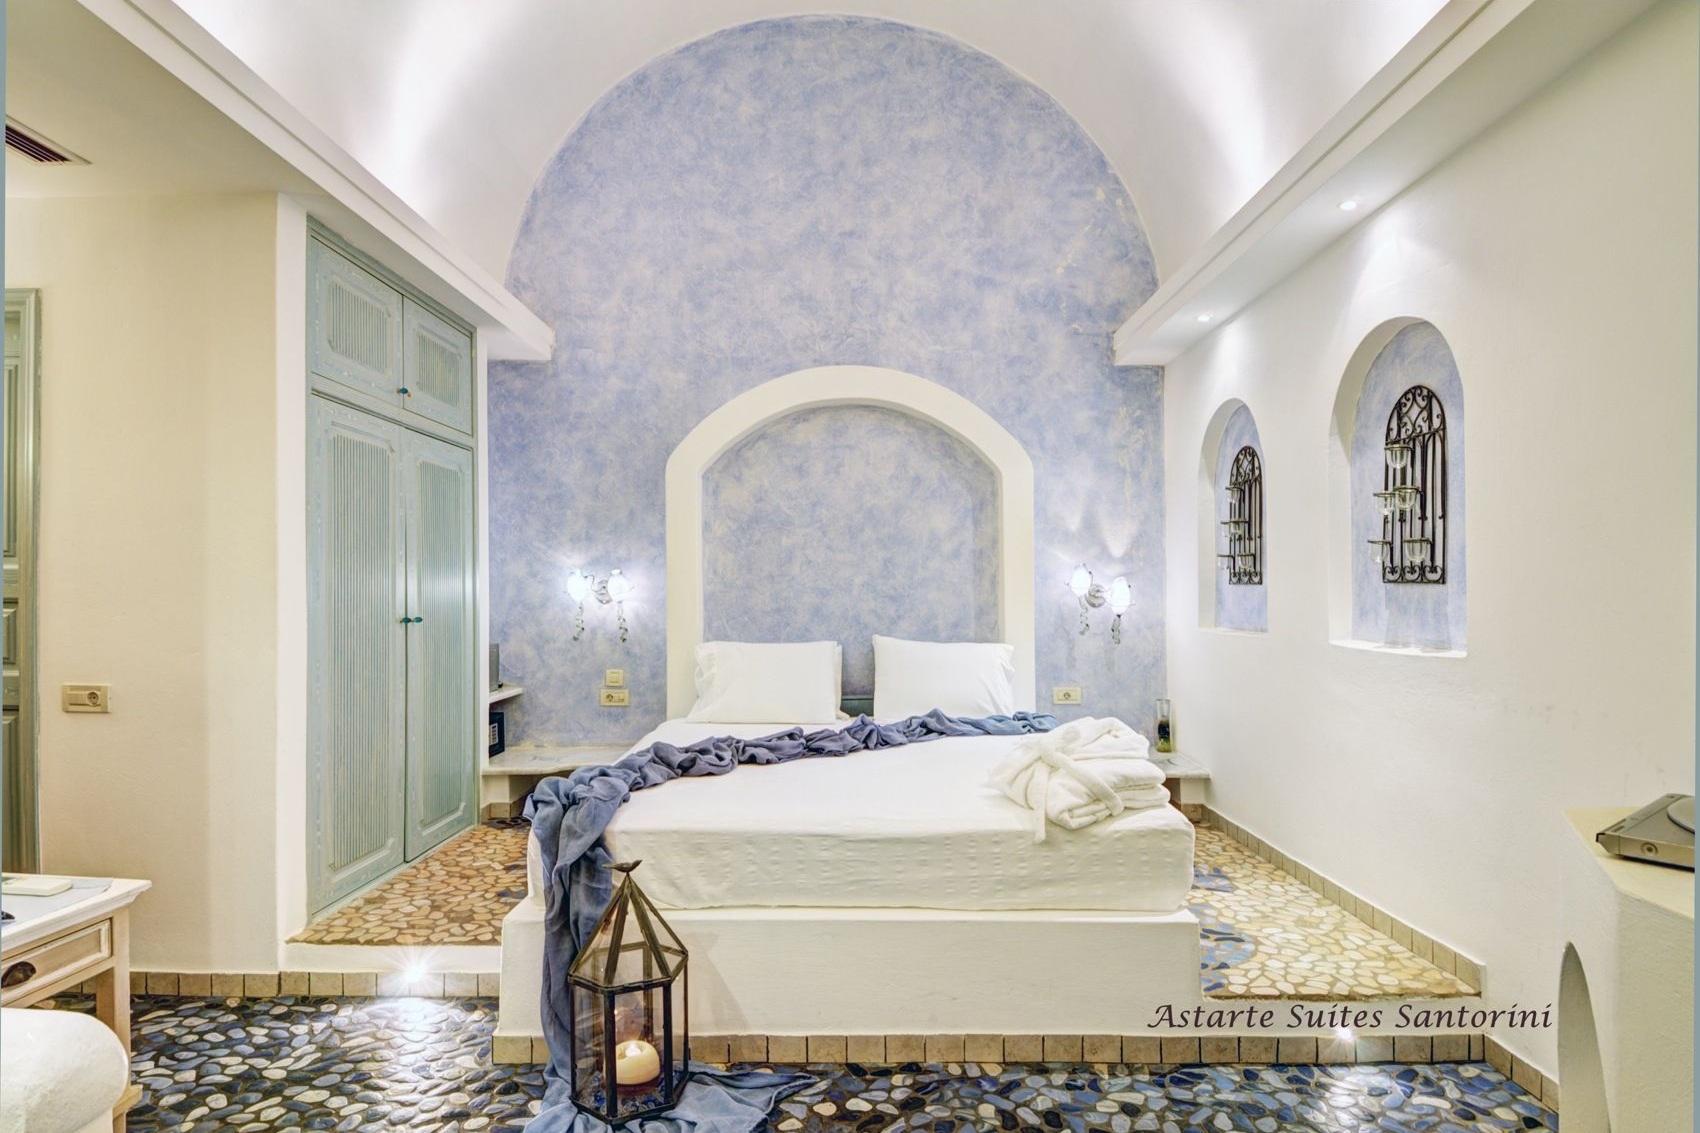 2_Executive_suite_private_open_air_Jacuzzi-_Astarte_Suites_in_Santorini.jpg